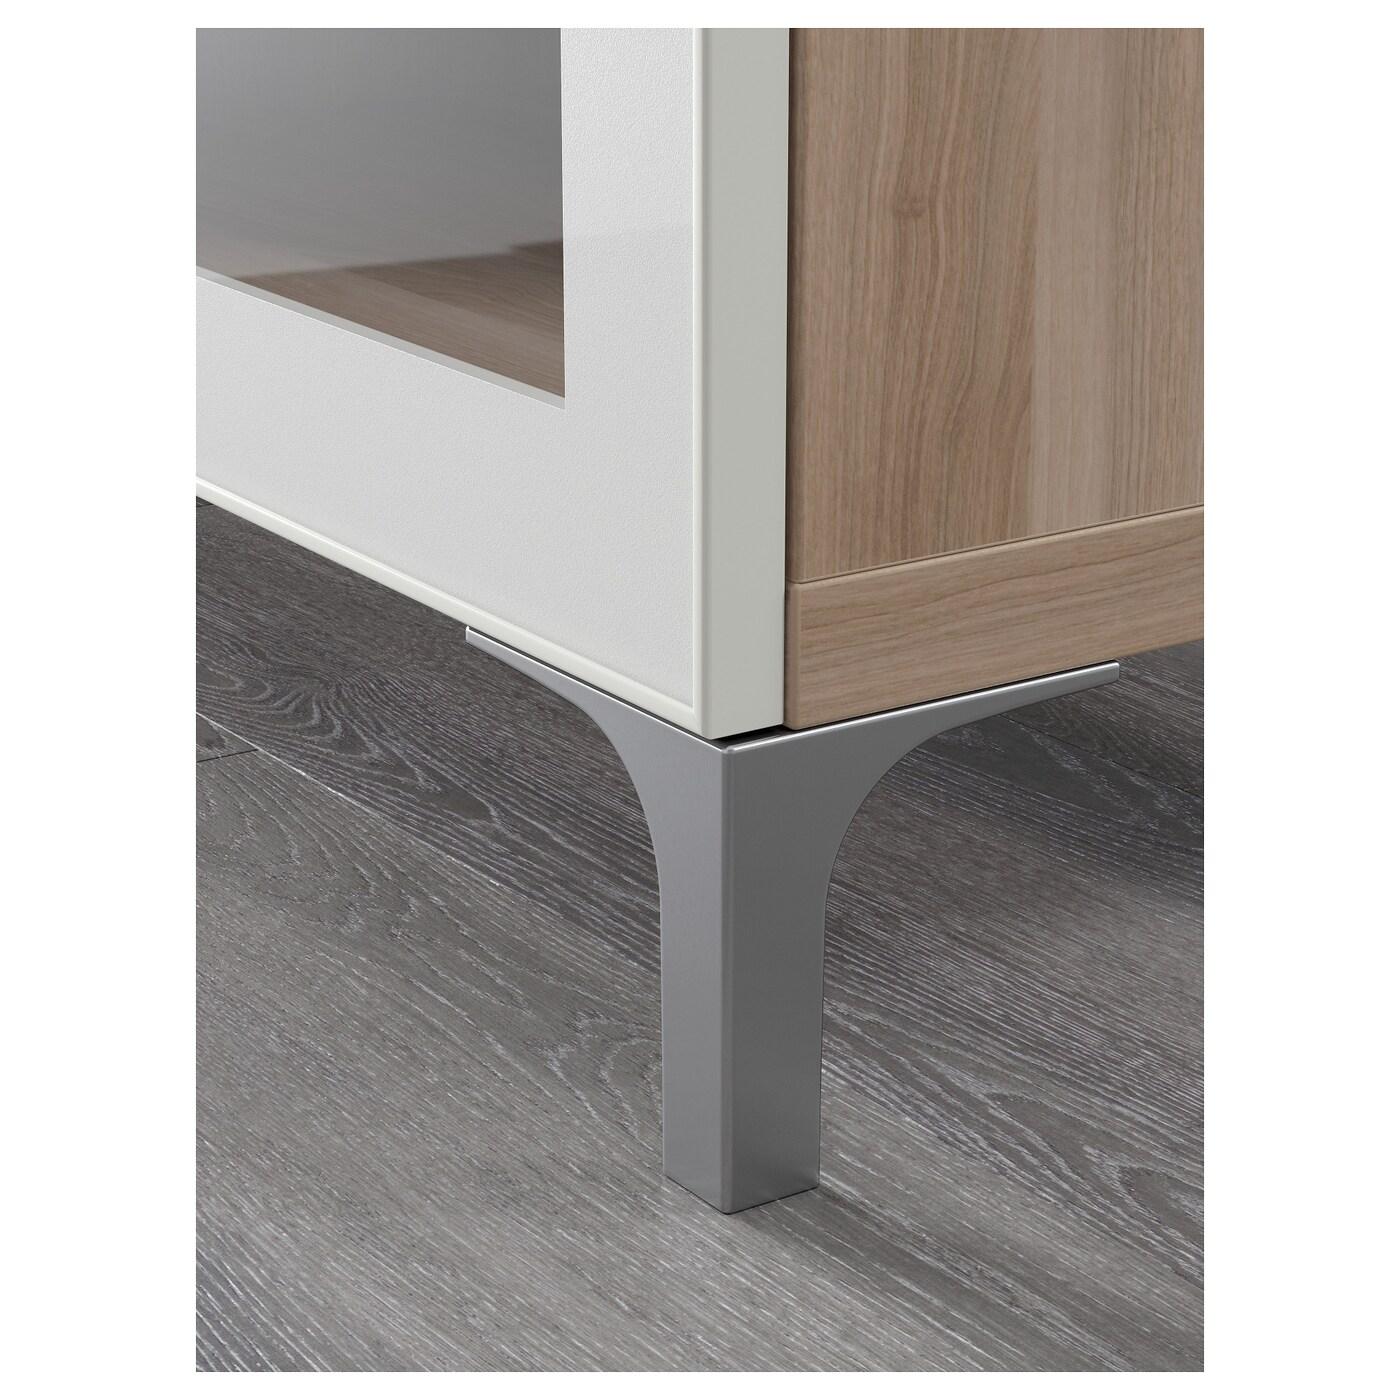 Best Banc Tv Motif Noyer Teint Gris Selsviken Brillant Blanc  # Banc Tv Ikea Besta Noyer Teinte Gris